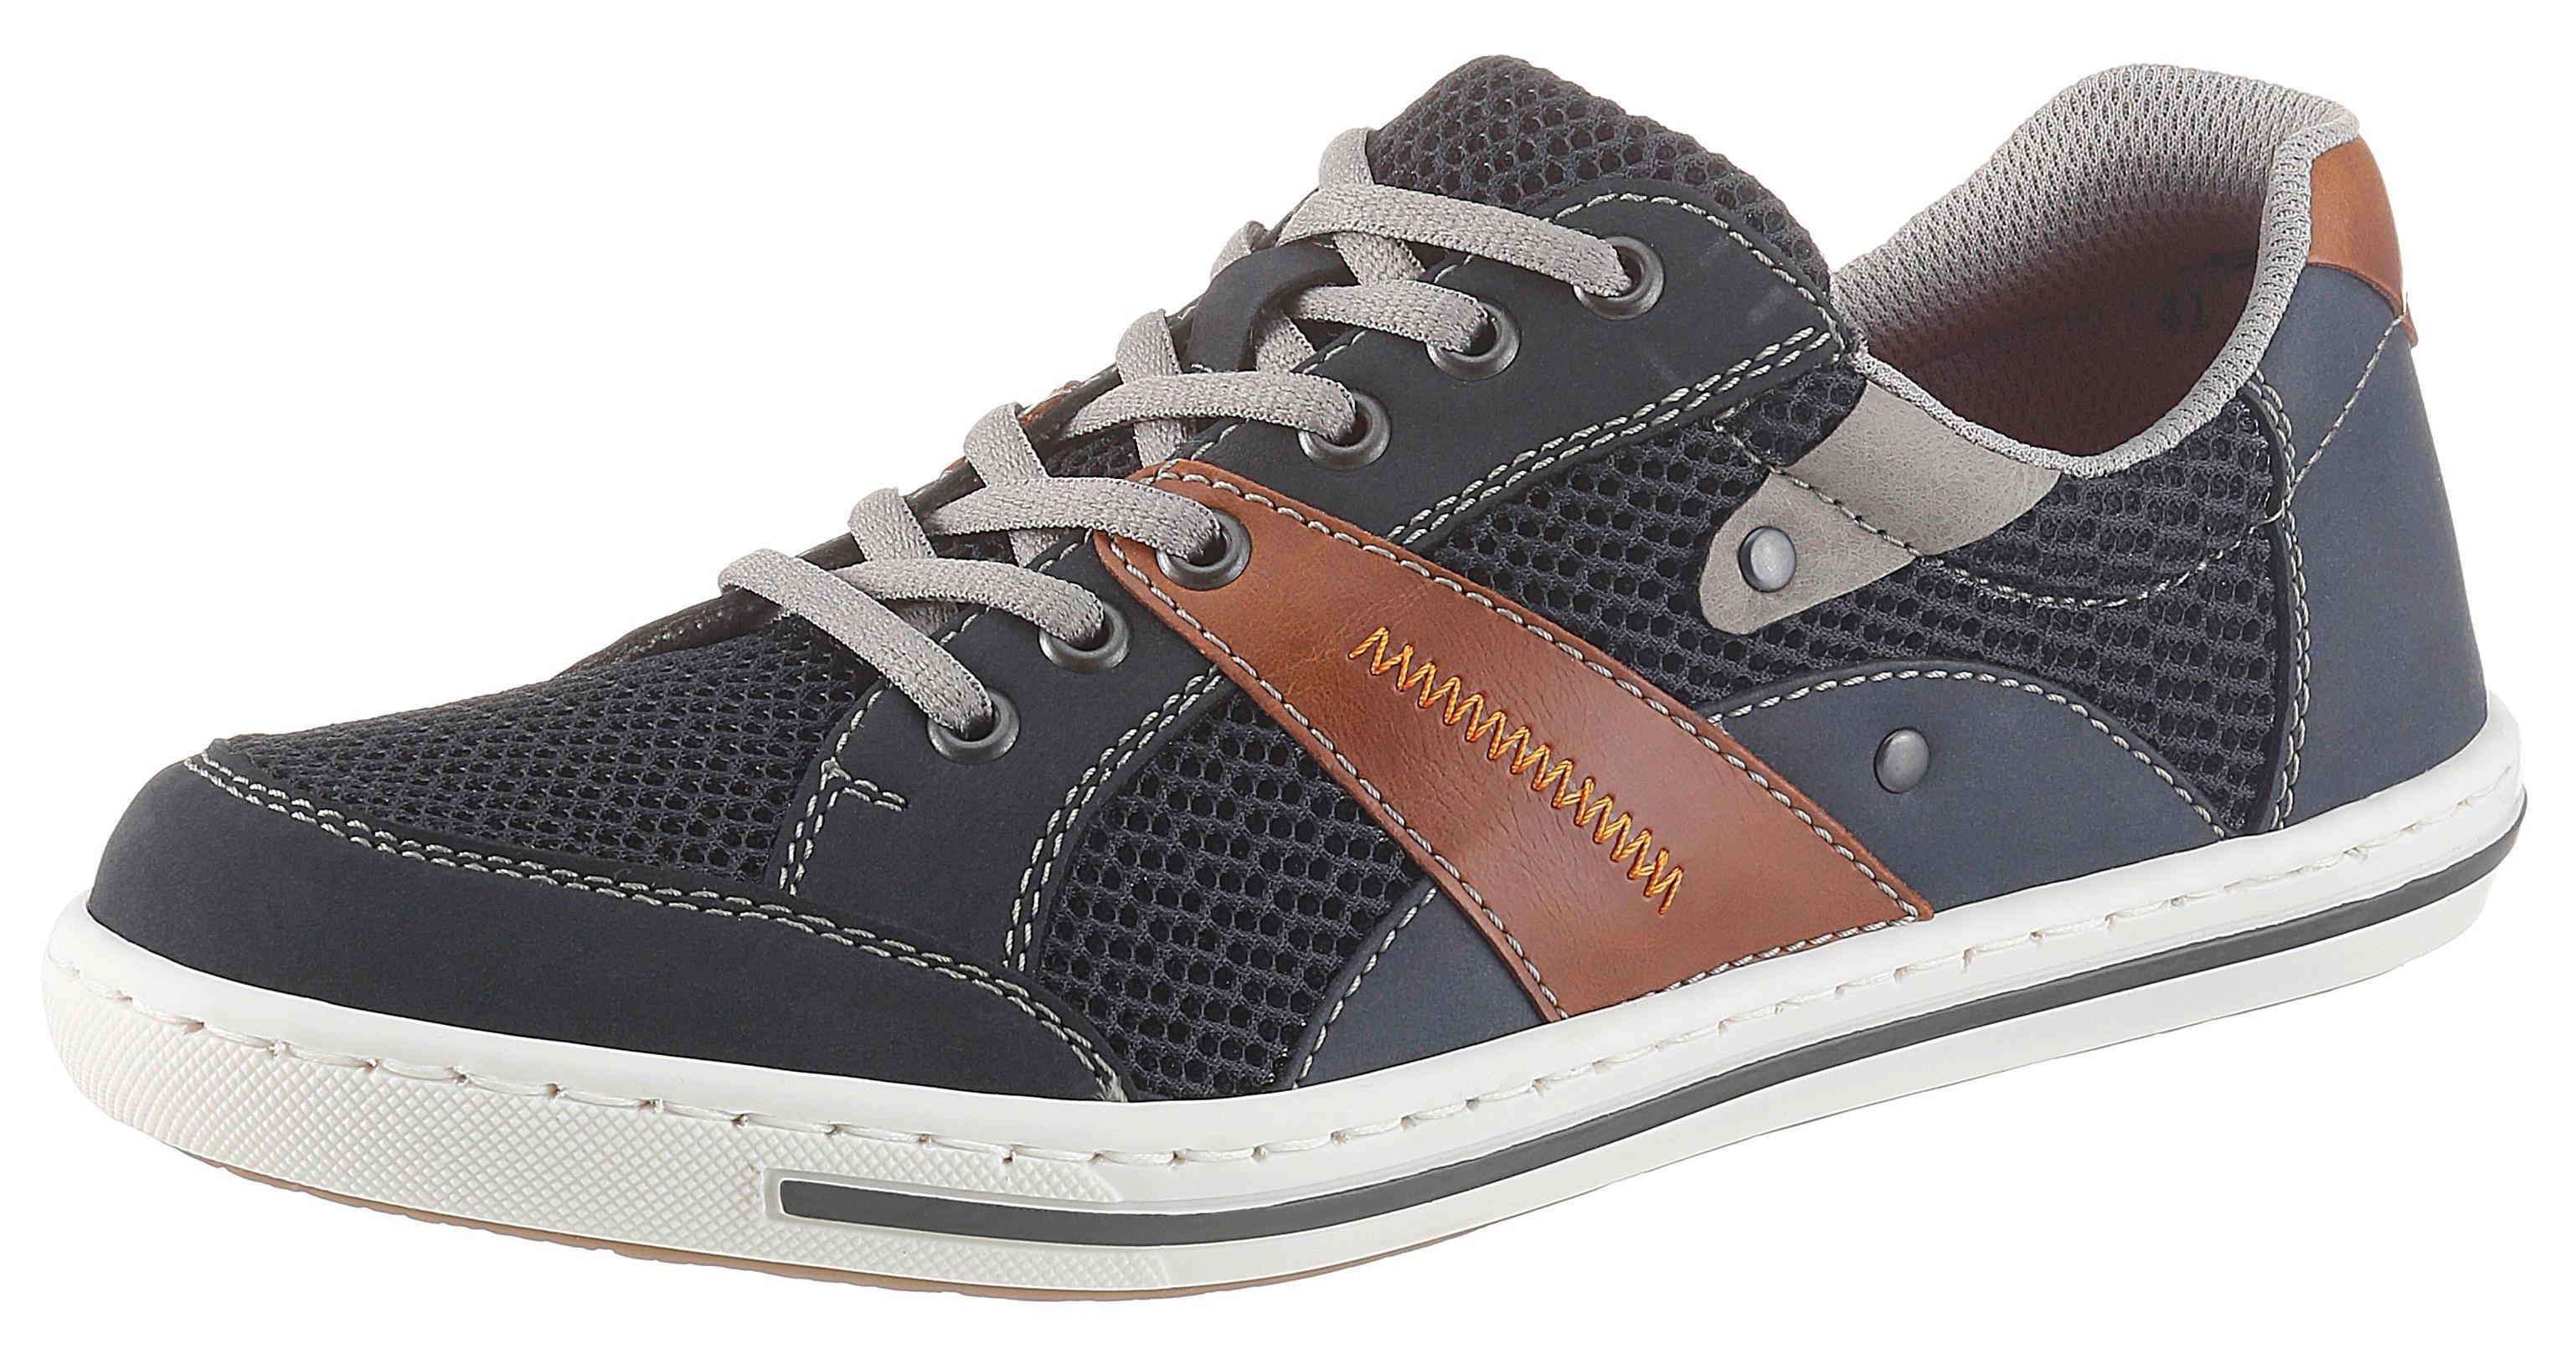 Rieker sneakers online kopen op otto.nl